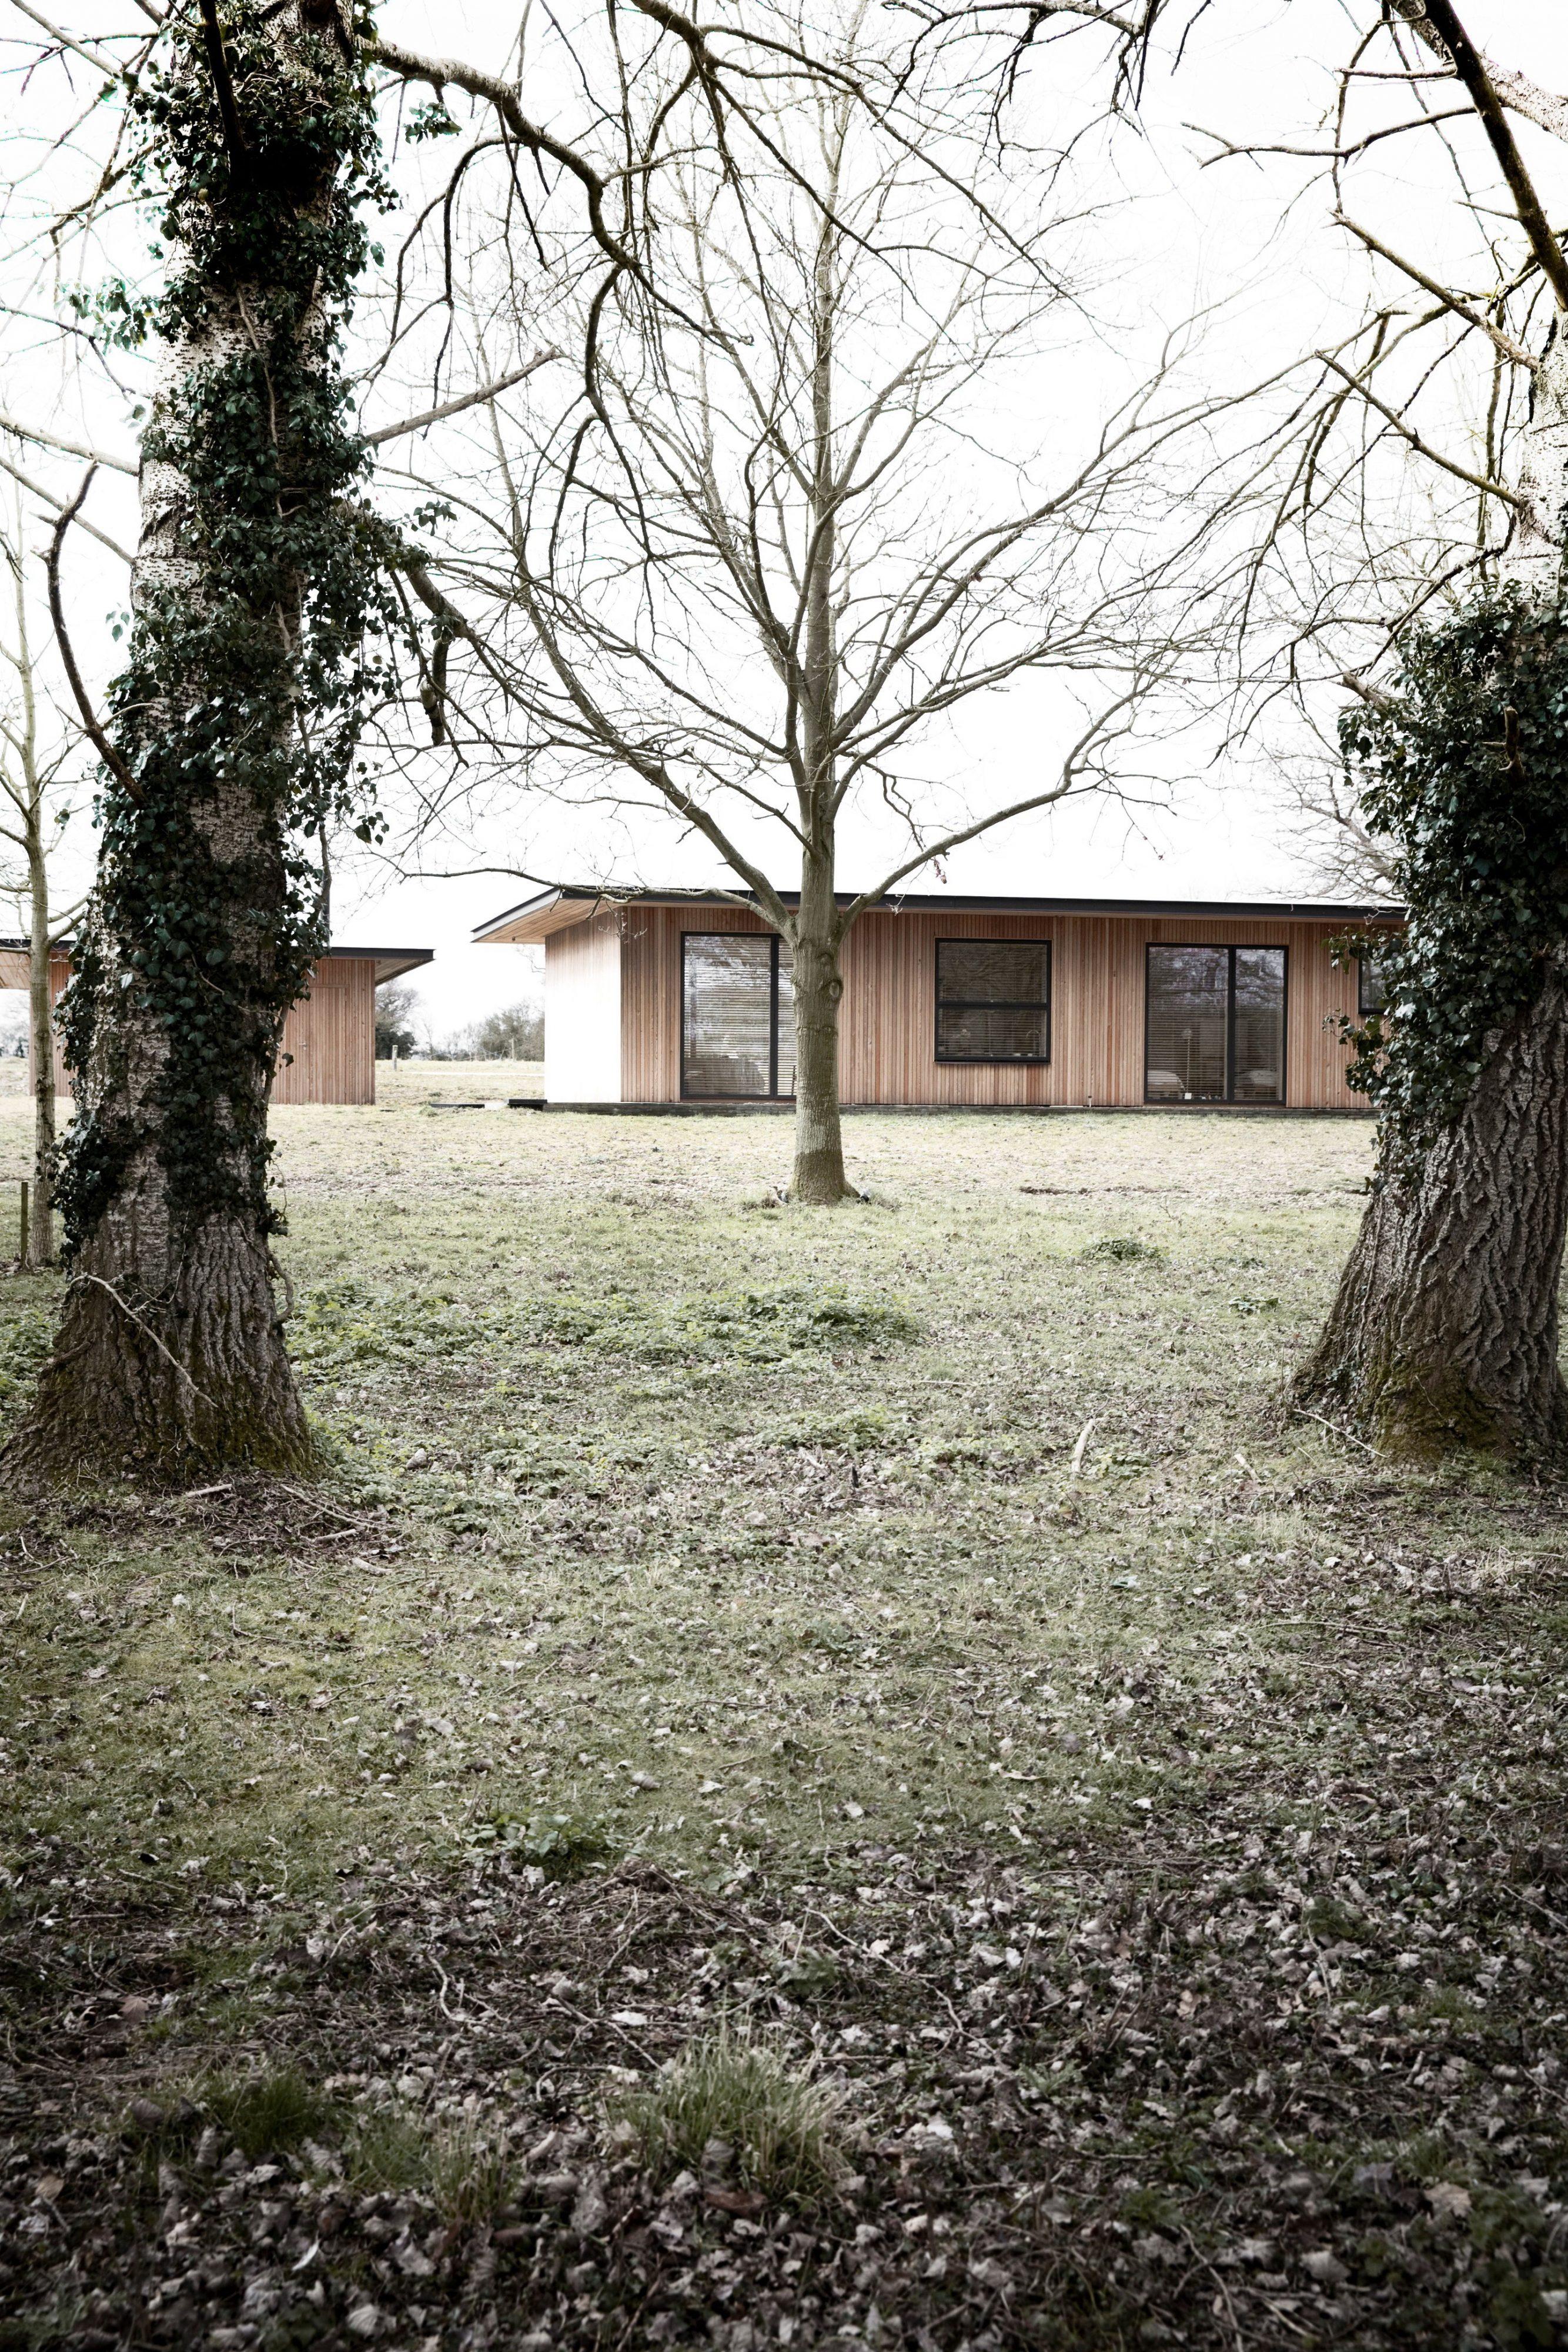 Reydon Grove Farm – Farmhouse by Norm Architects